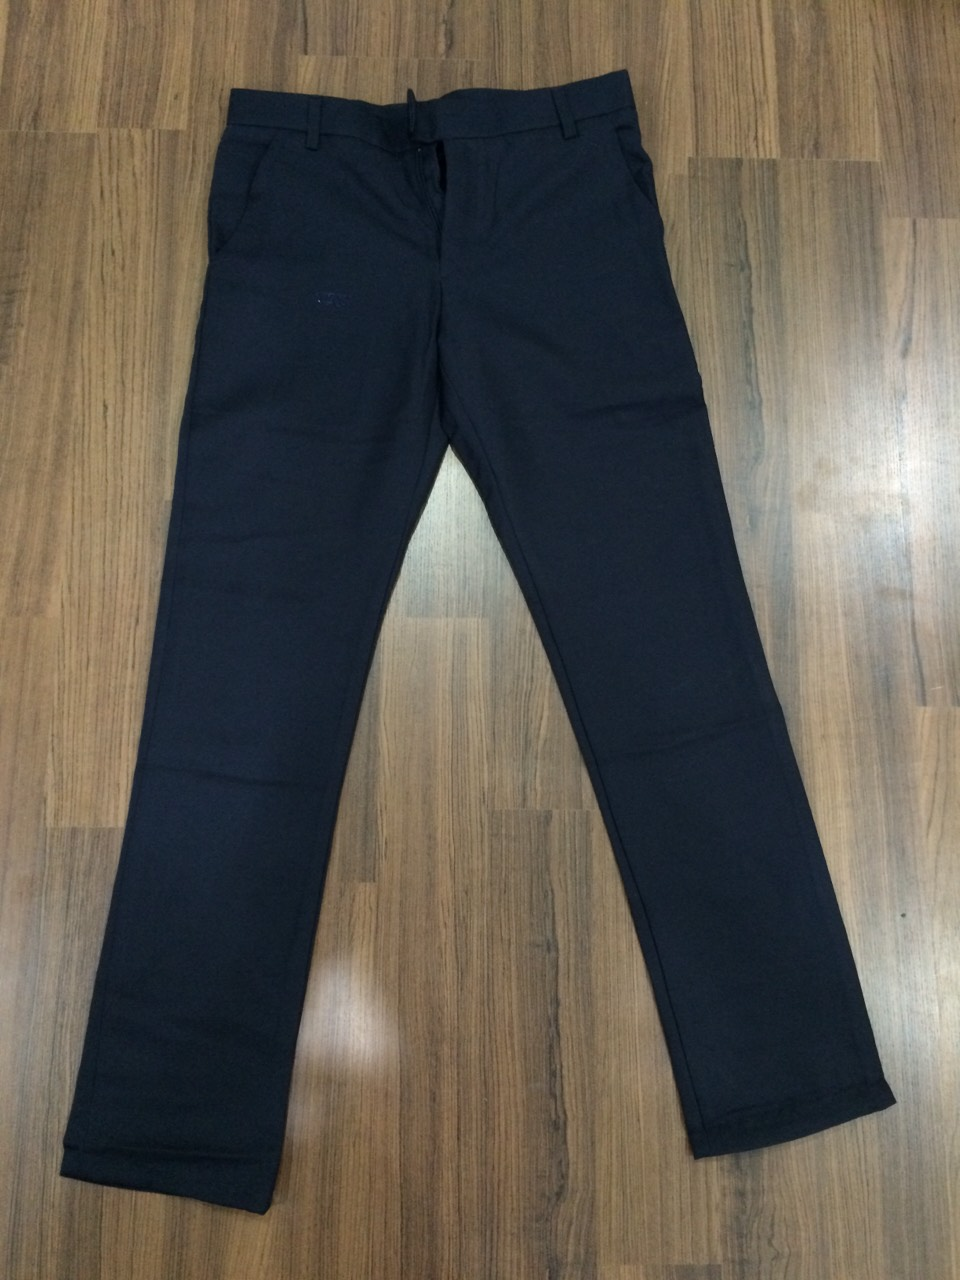 กางเกงนักศึกษา ผ้ากำมะดิน สีดำ(ขนาดเอว 36 นิ้ว)